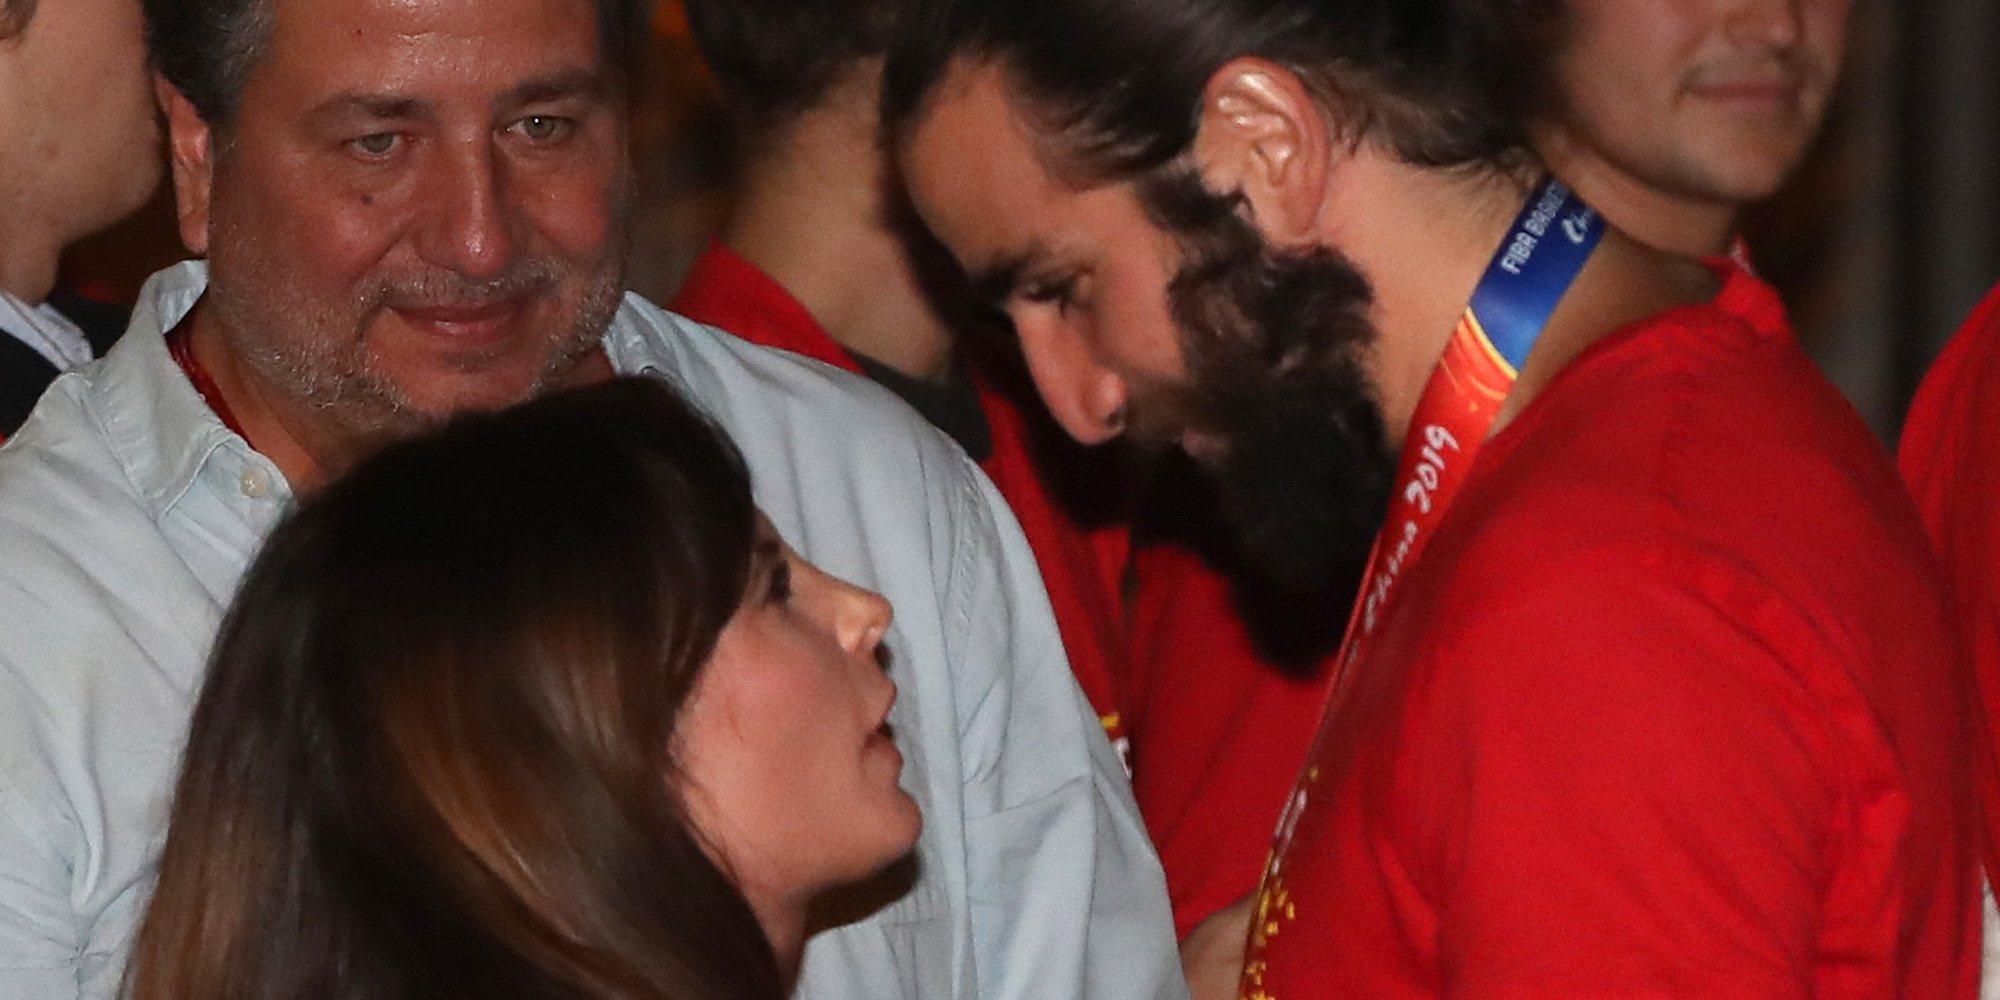 El beso de Ricky Rubio con su novia para celebrar su victoria en el Mundial de baloncesto de China